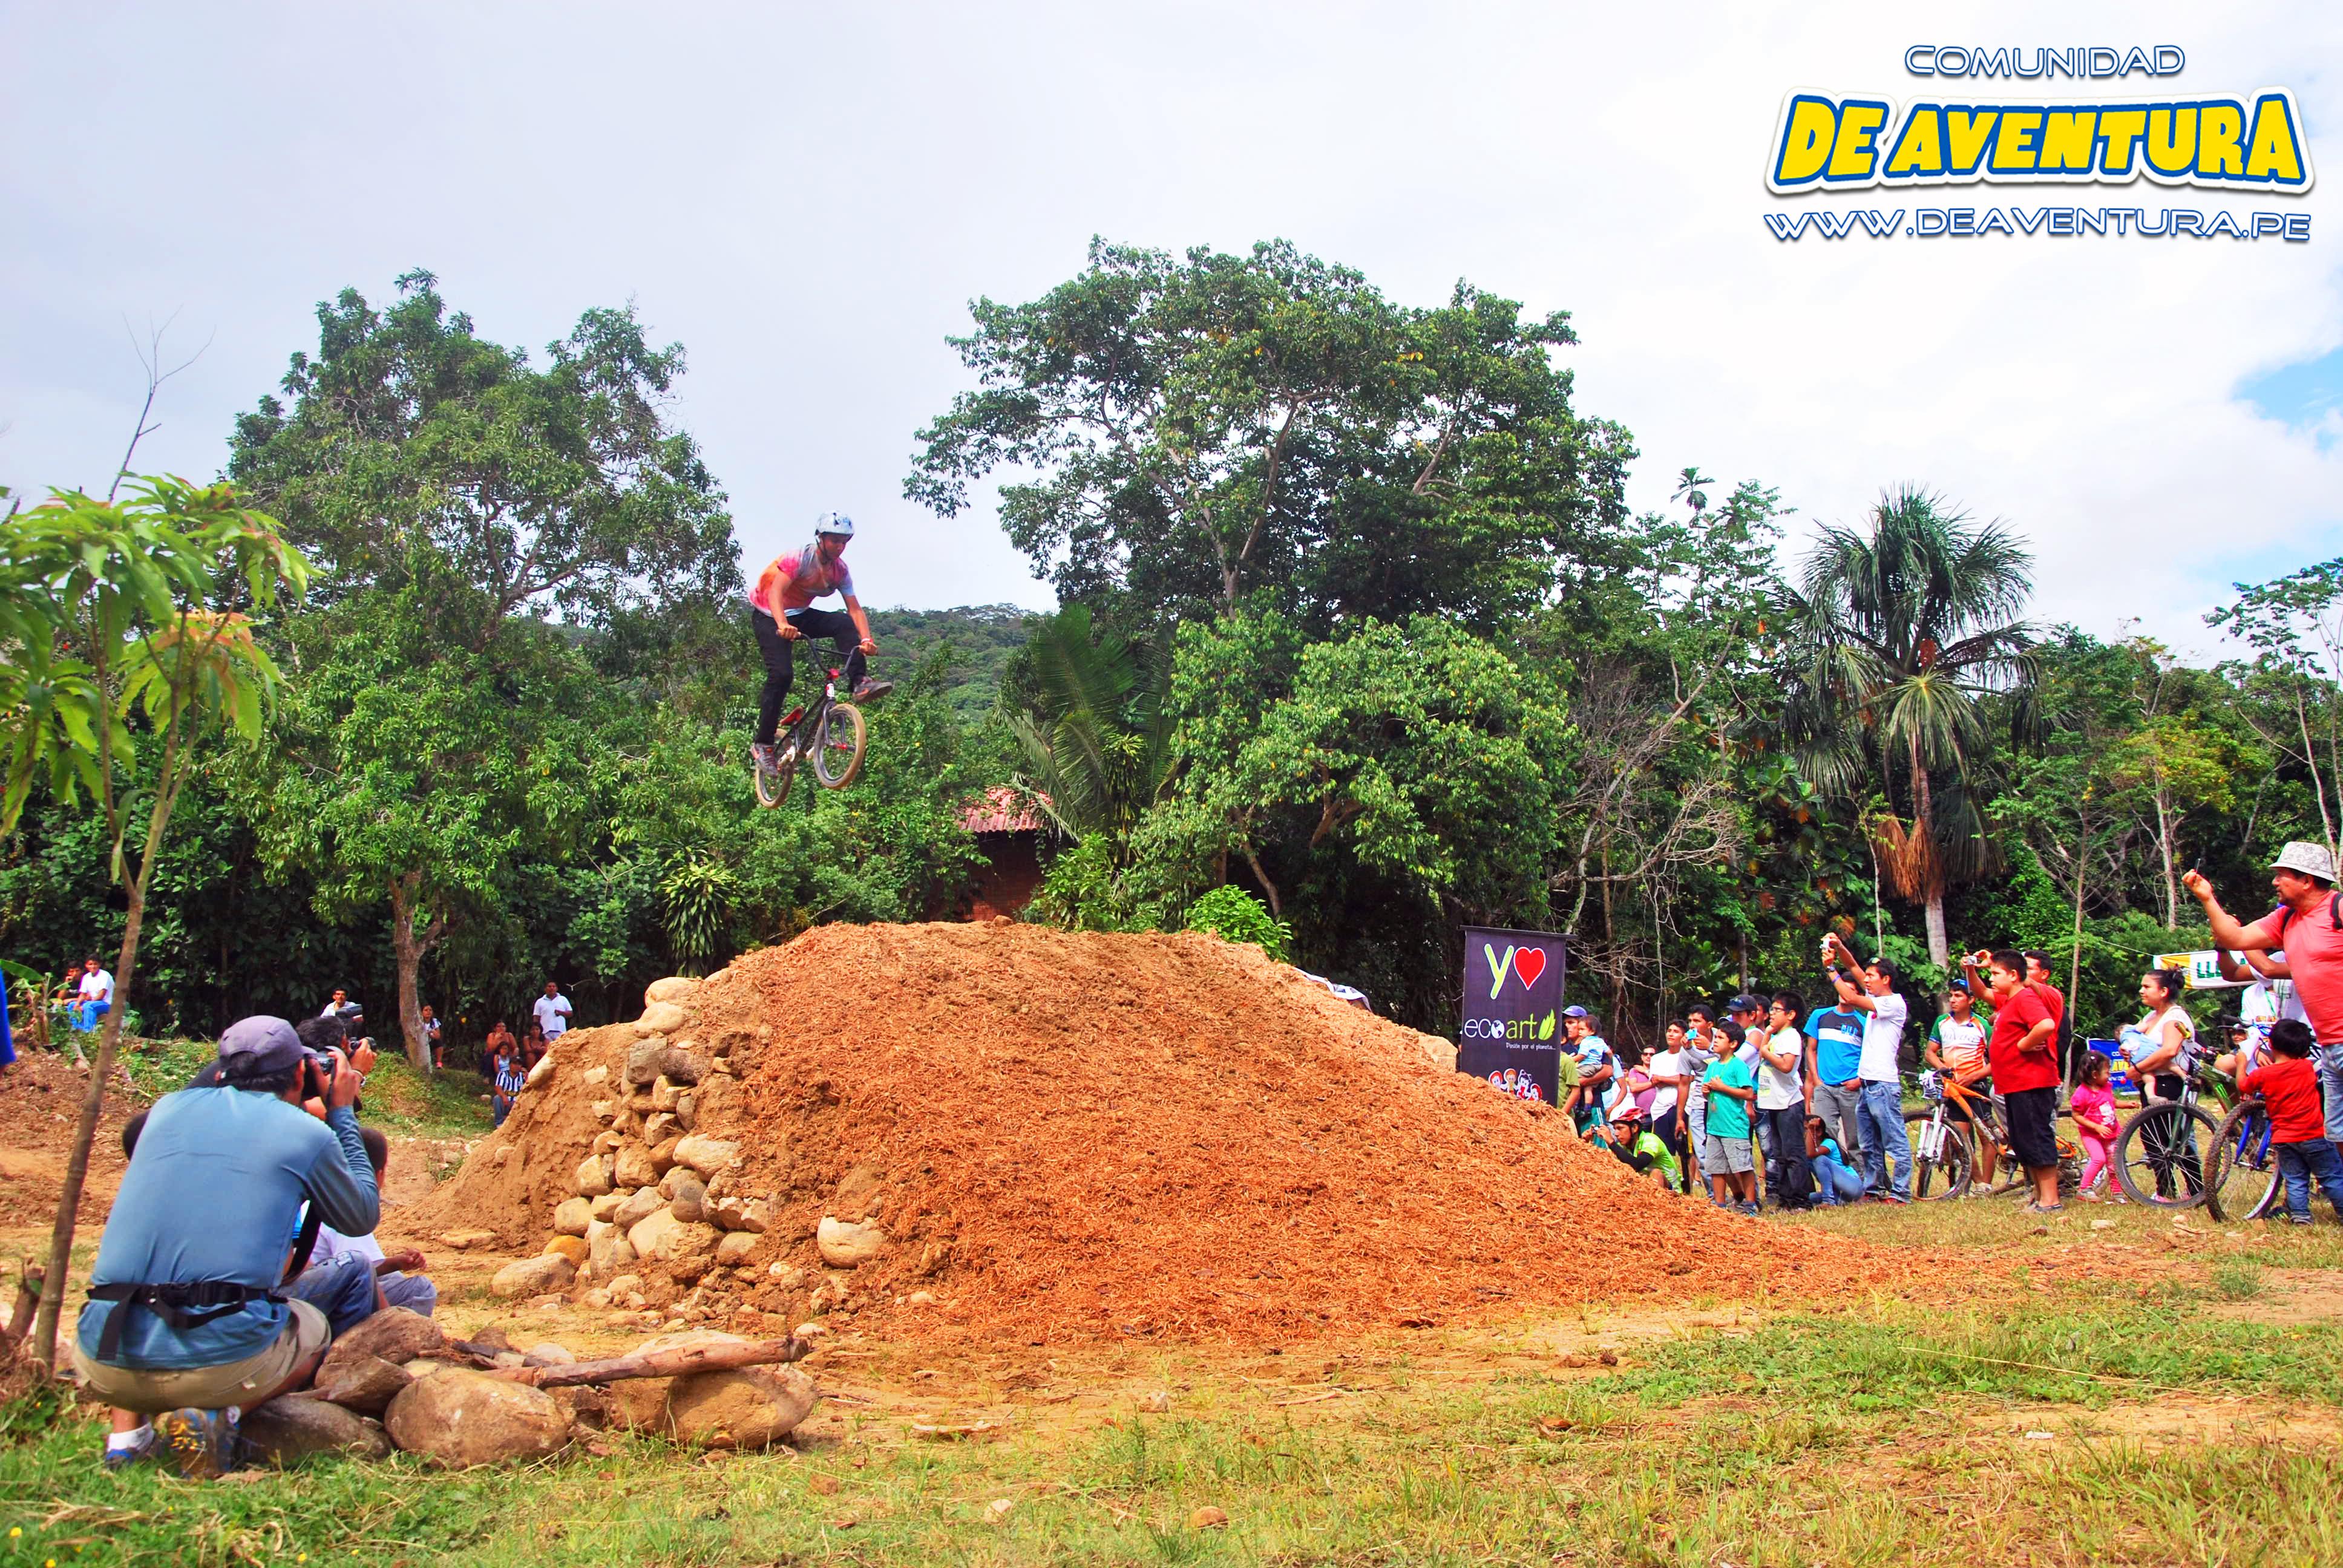 saltos y maniobras en BMX